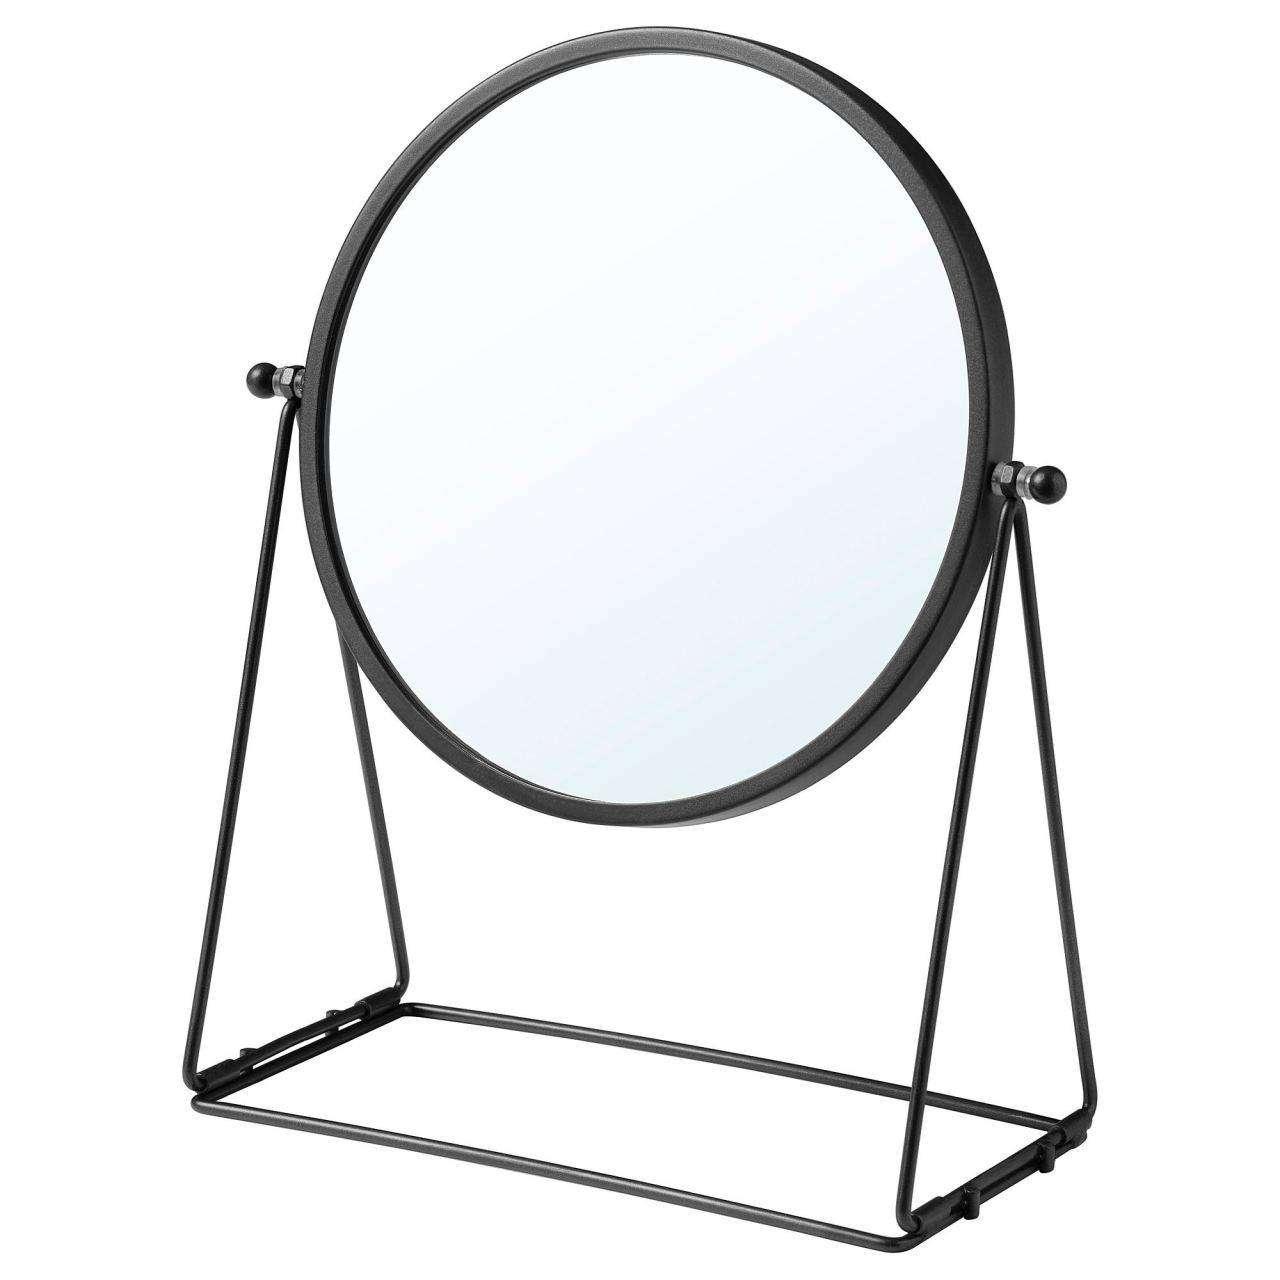 Masa Aynası Lassbyn -İKEA